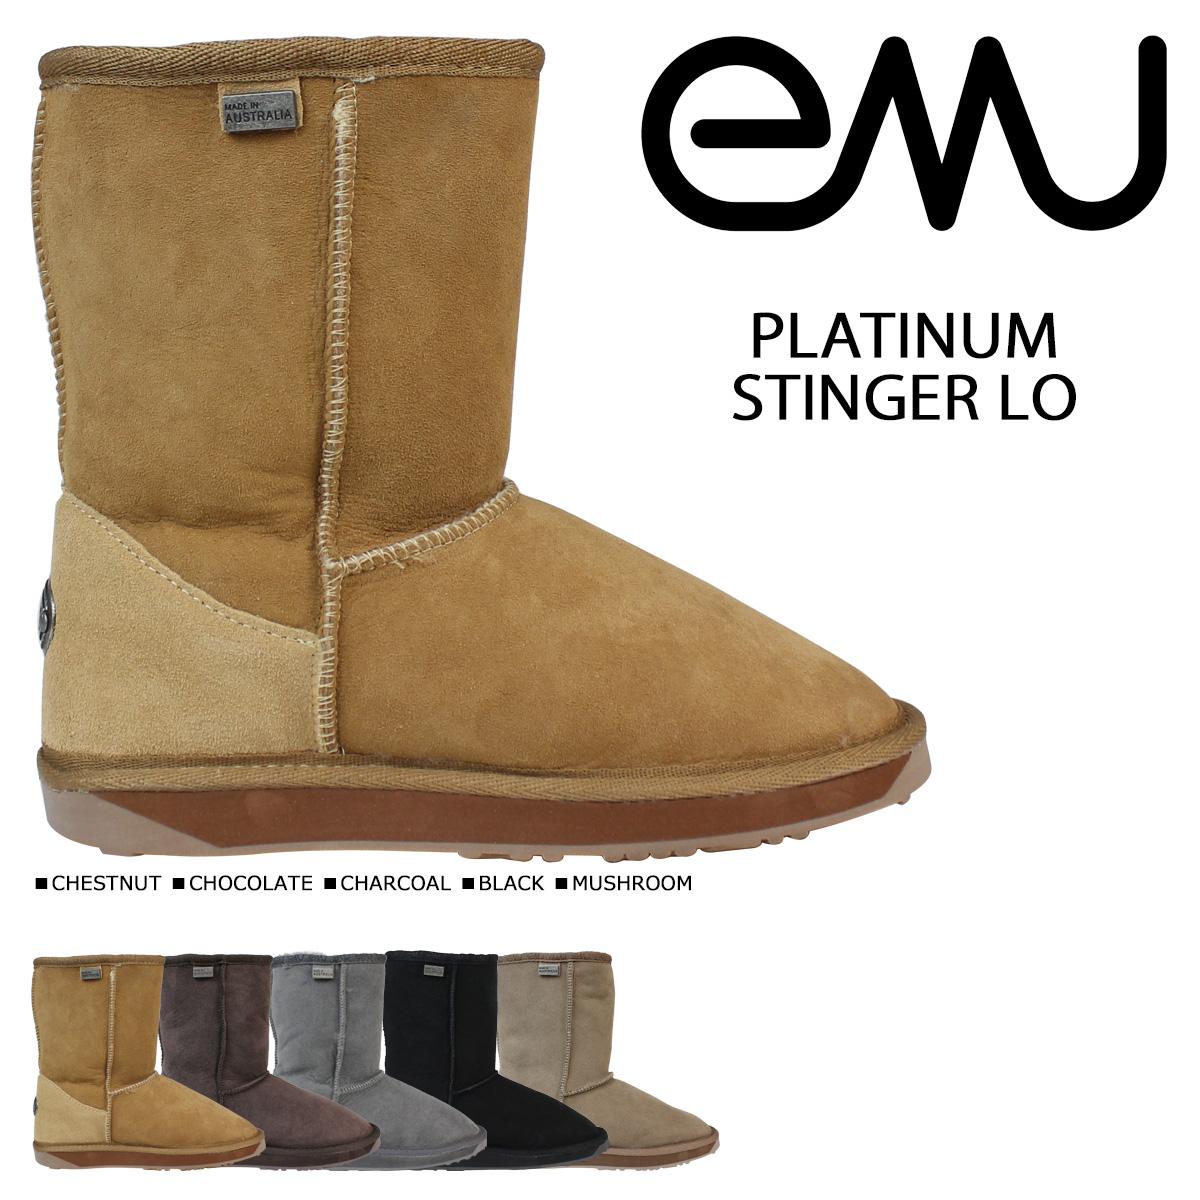 emu エミュー ムートンブーツ スティンガー ロー プラチナム PLATINUM STINGER LO WP10002 レディース